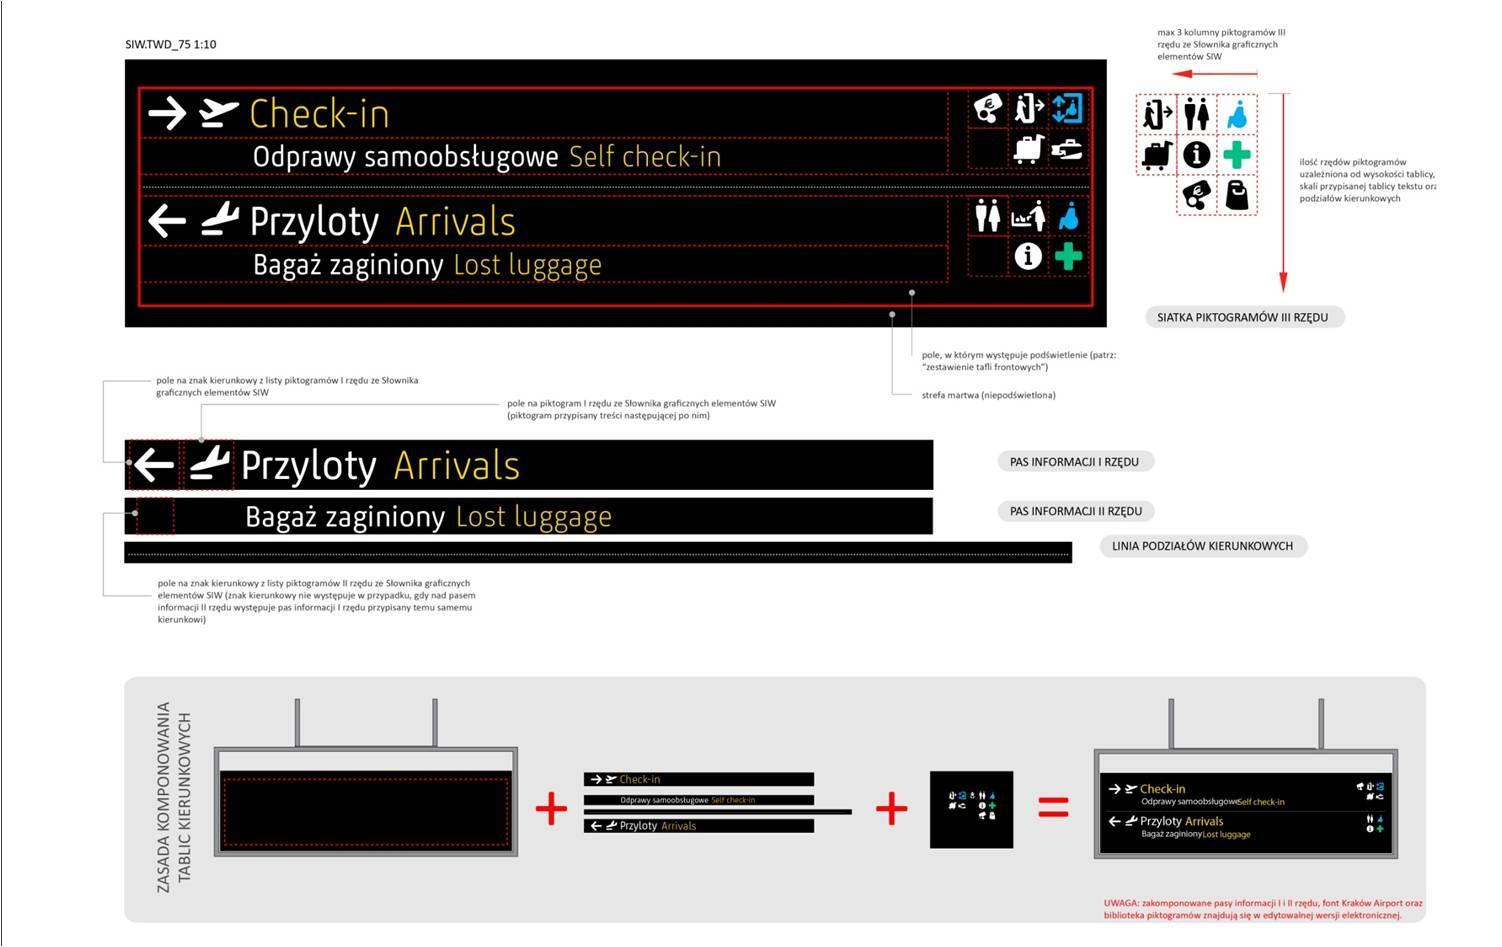 krakow airport wayfinding information structure